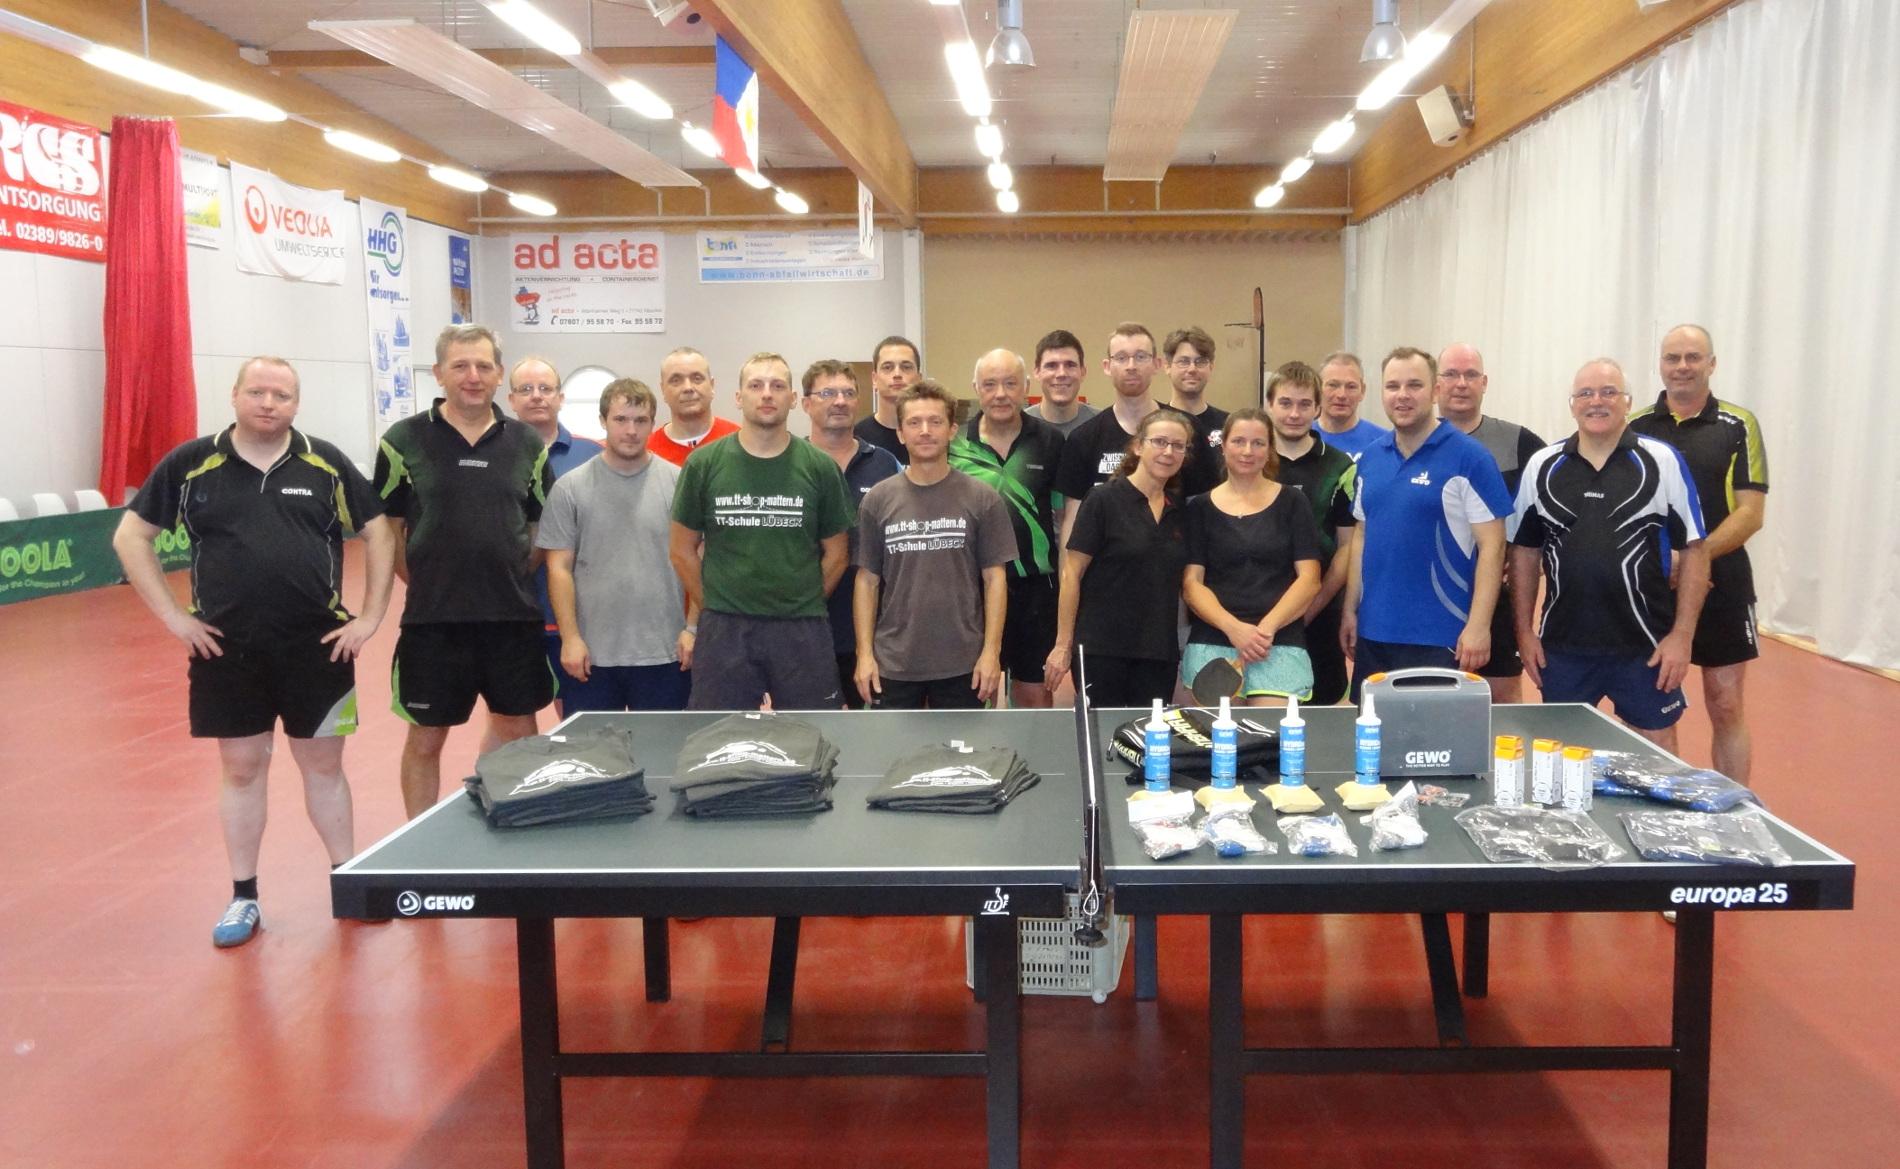 Bild von einem Lehrgang der Tischtennisschule mit allen Teilnehmern